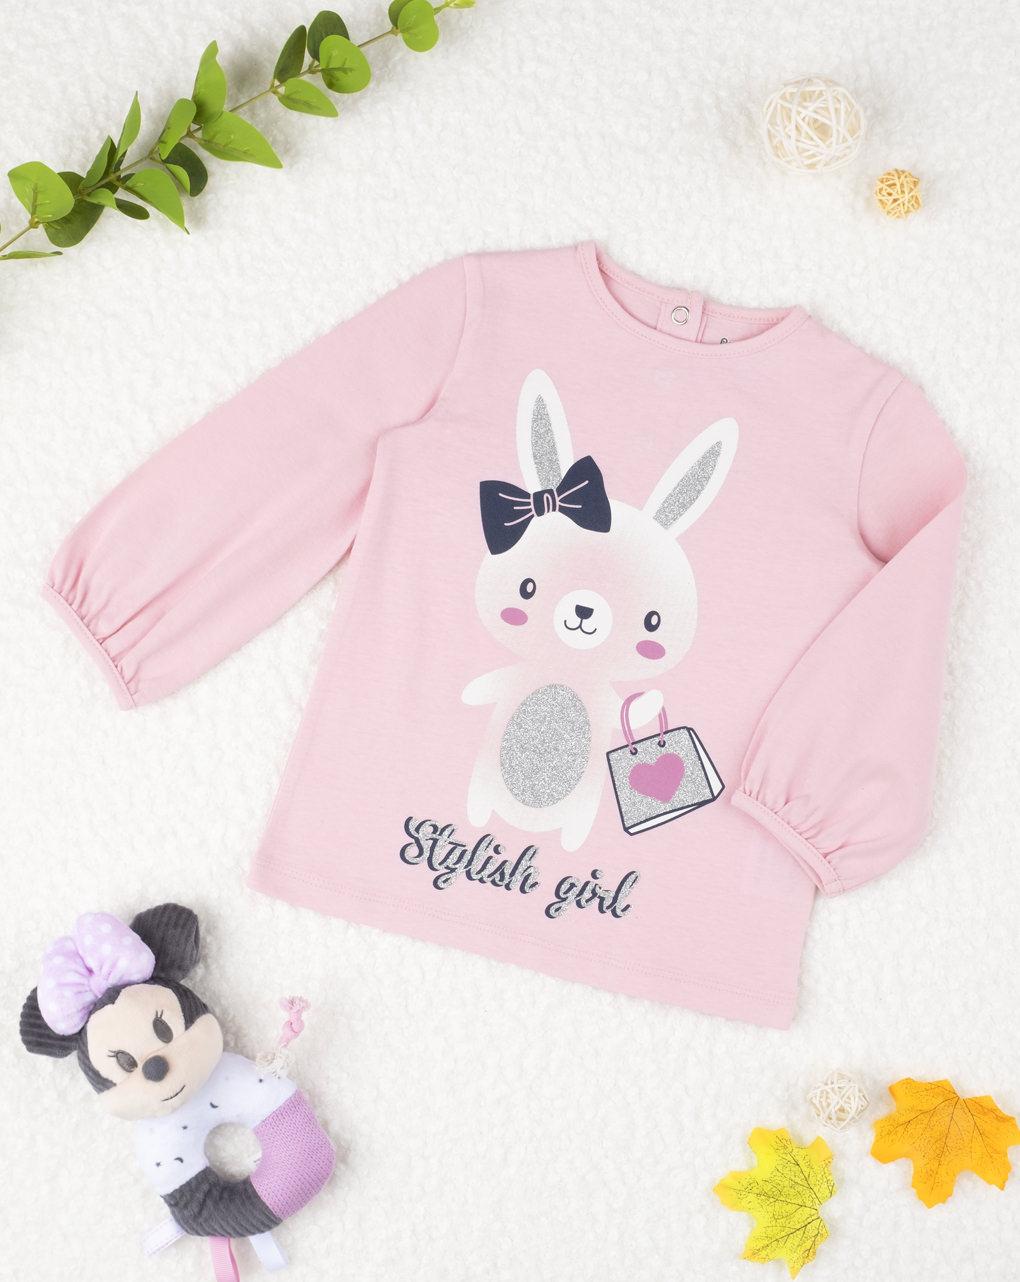 Μπλουζάκι Μακρυμάνικο με Κουνελάκι Ροζ για Κορίτσι